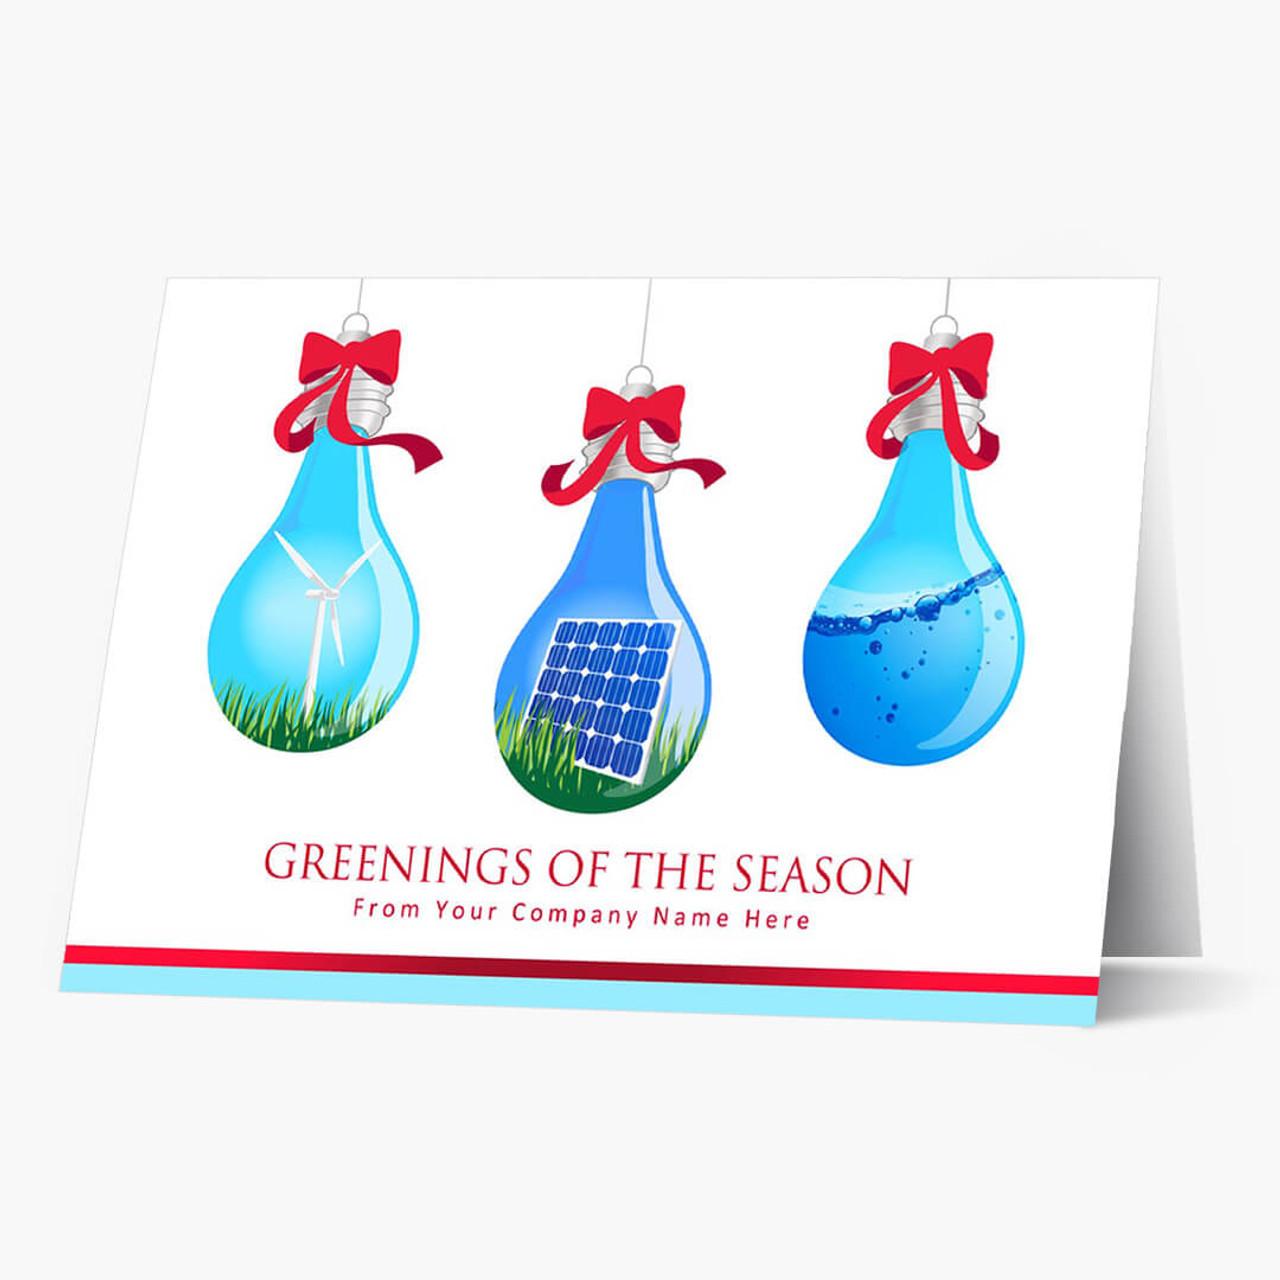 Green Energy Holiday Christmas Card